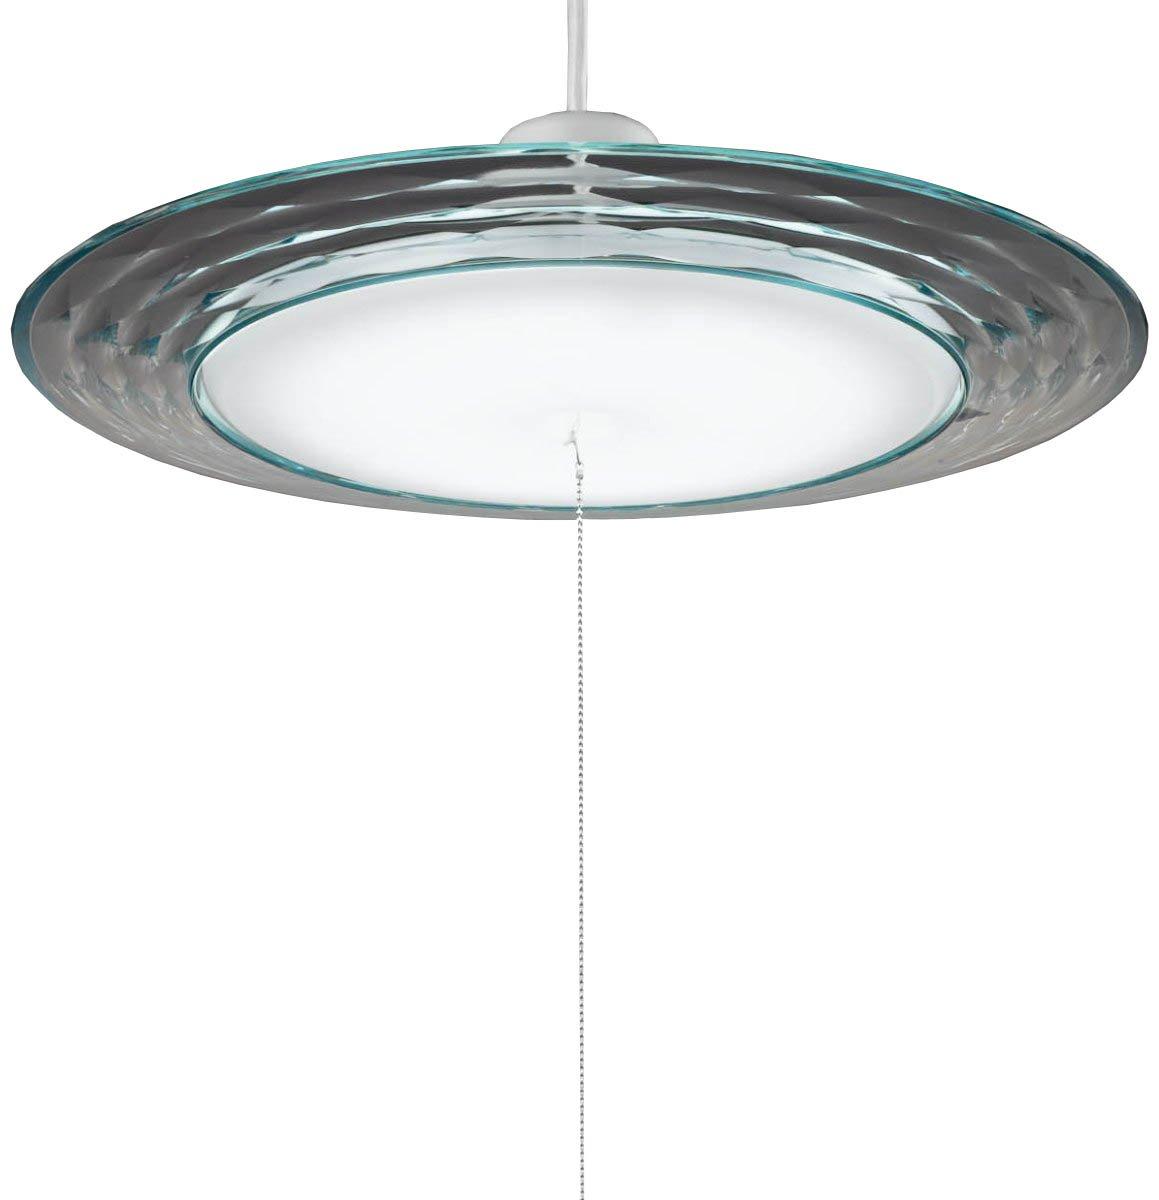 オーデリック ペンダントライト(LED42W昼光色) SH479LD B00F4KT3D6